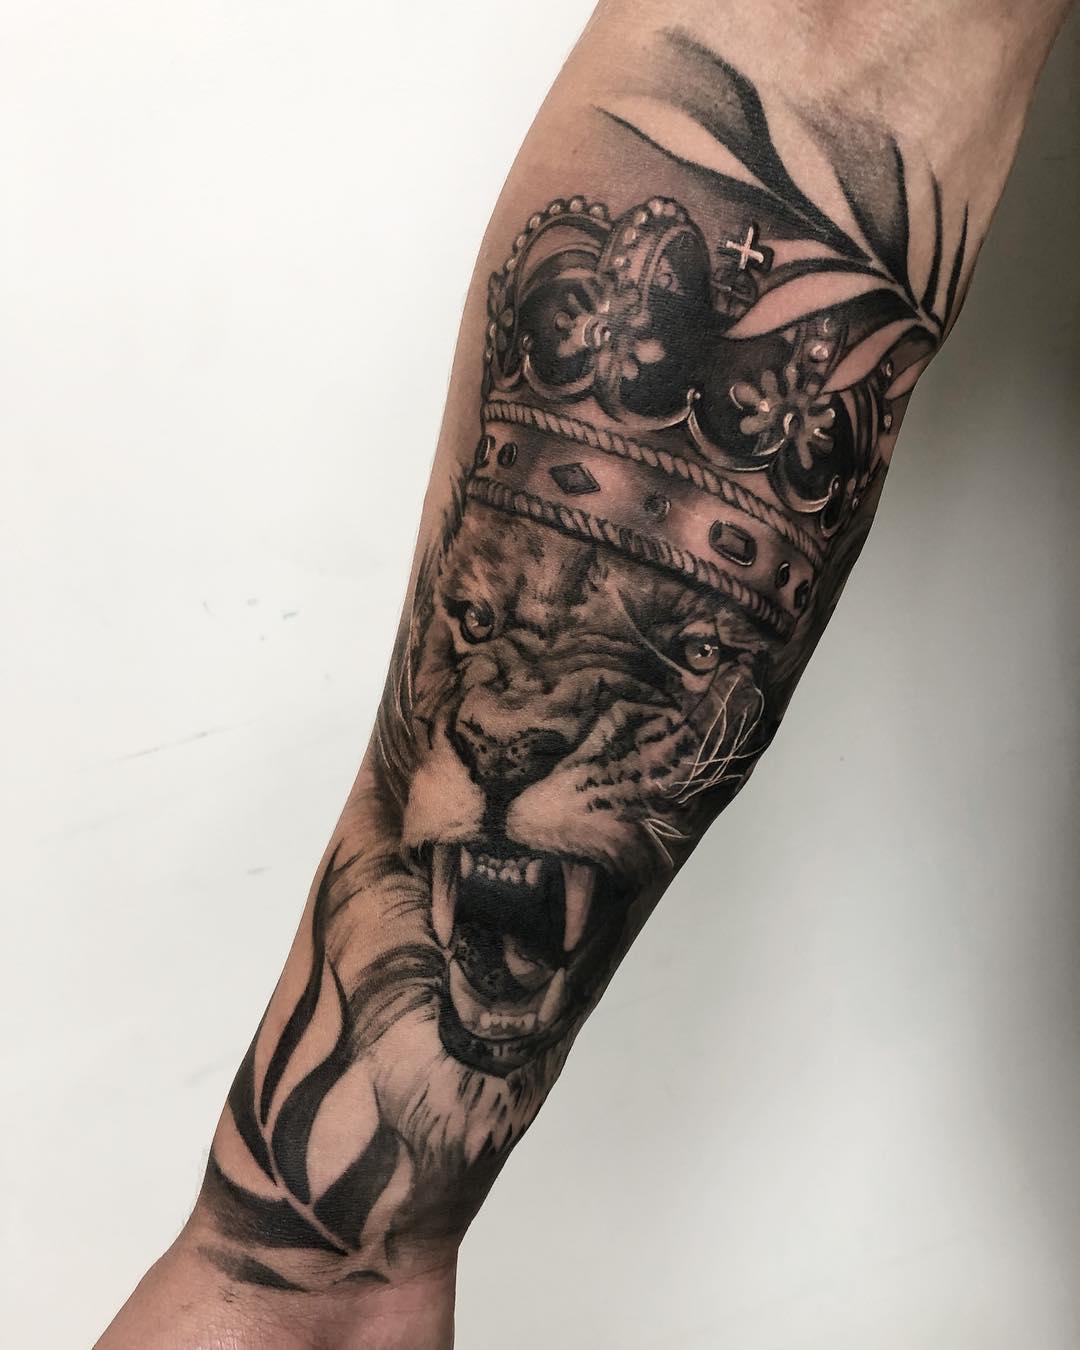 深圳纹彩刺青 纹身图案大全  时间:2019-03-13 14:49